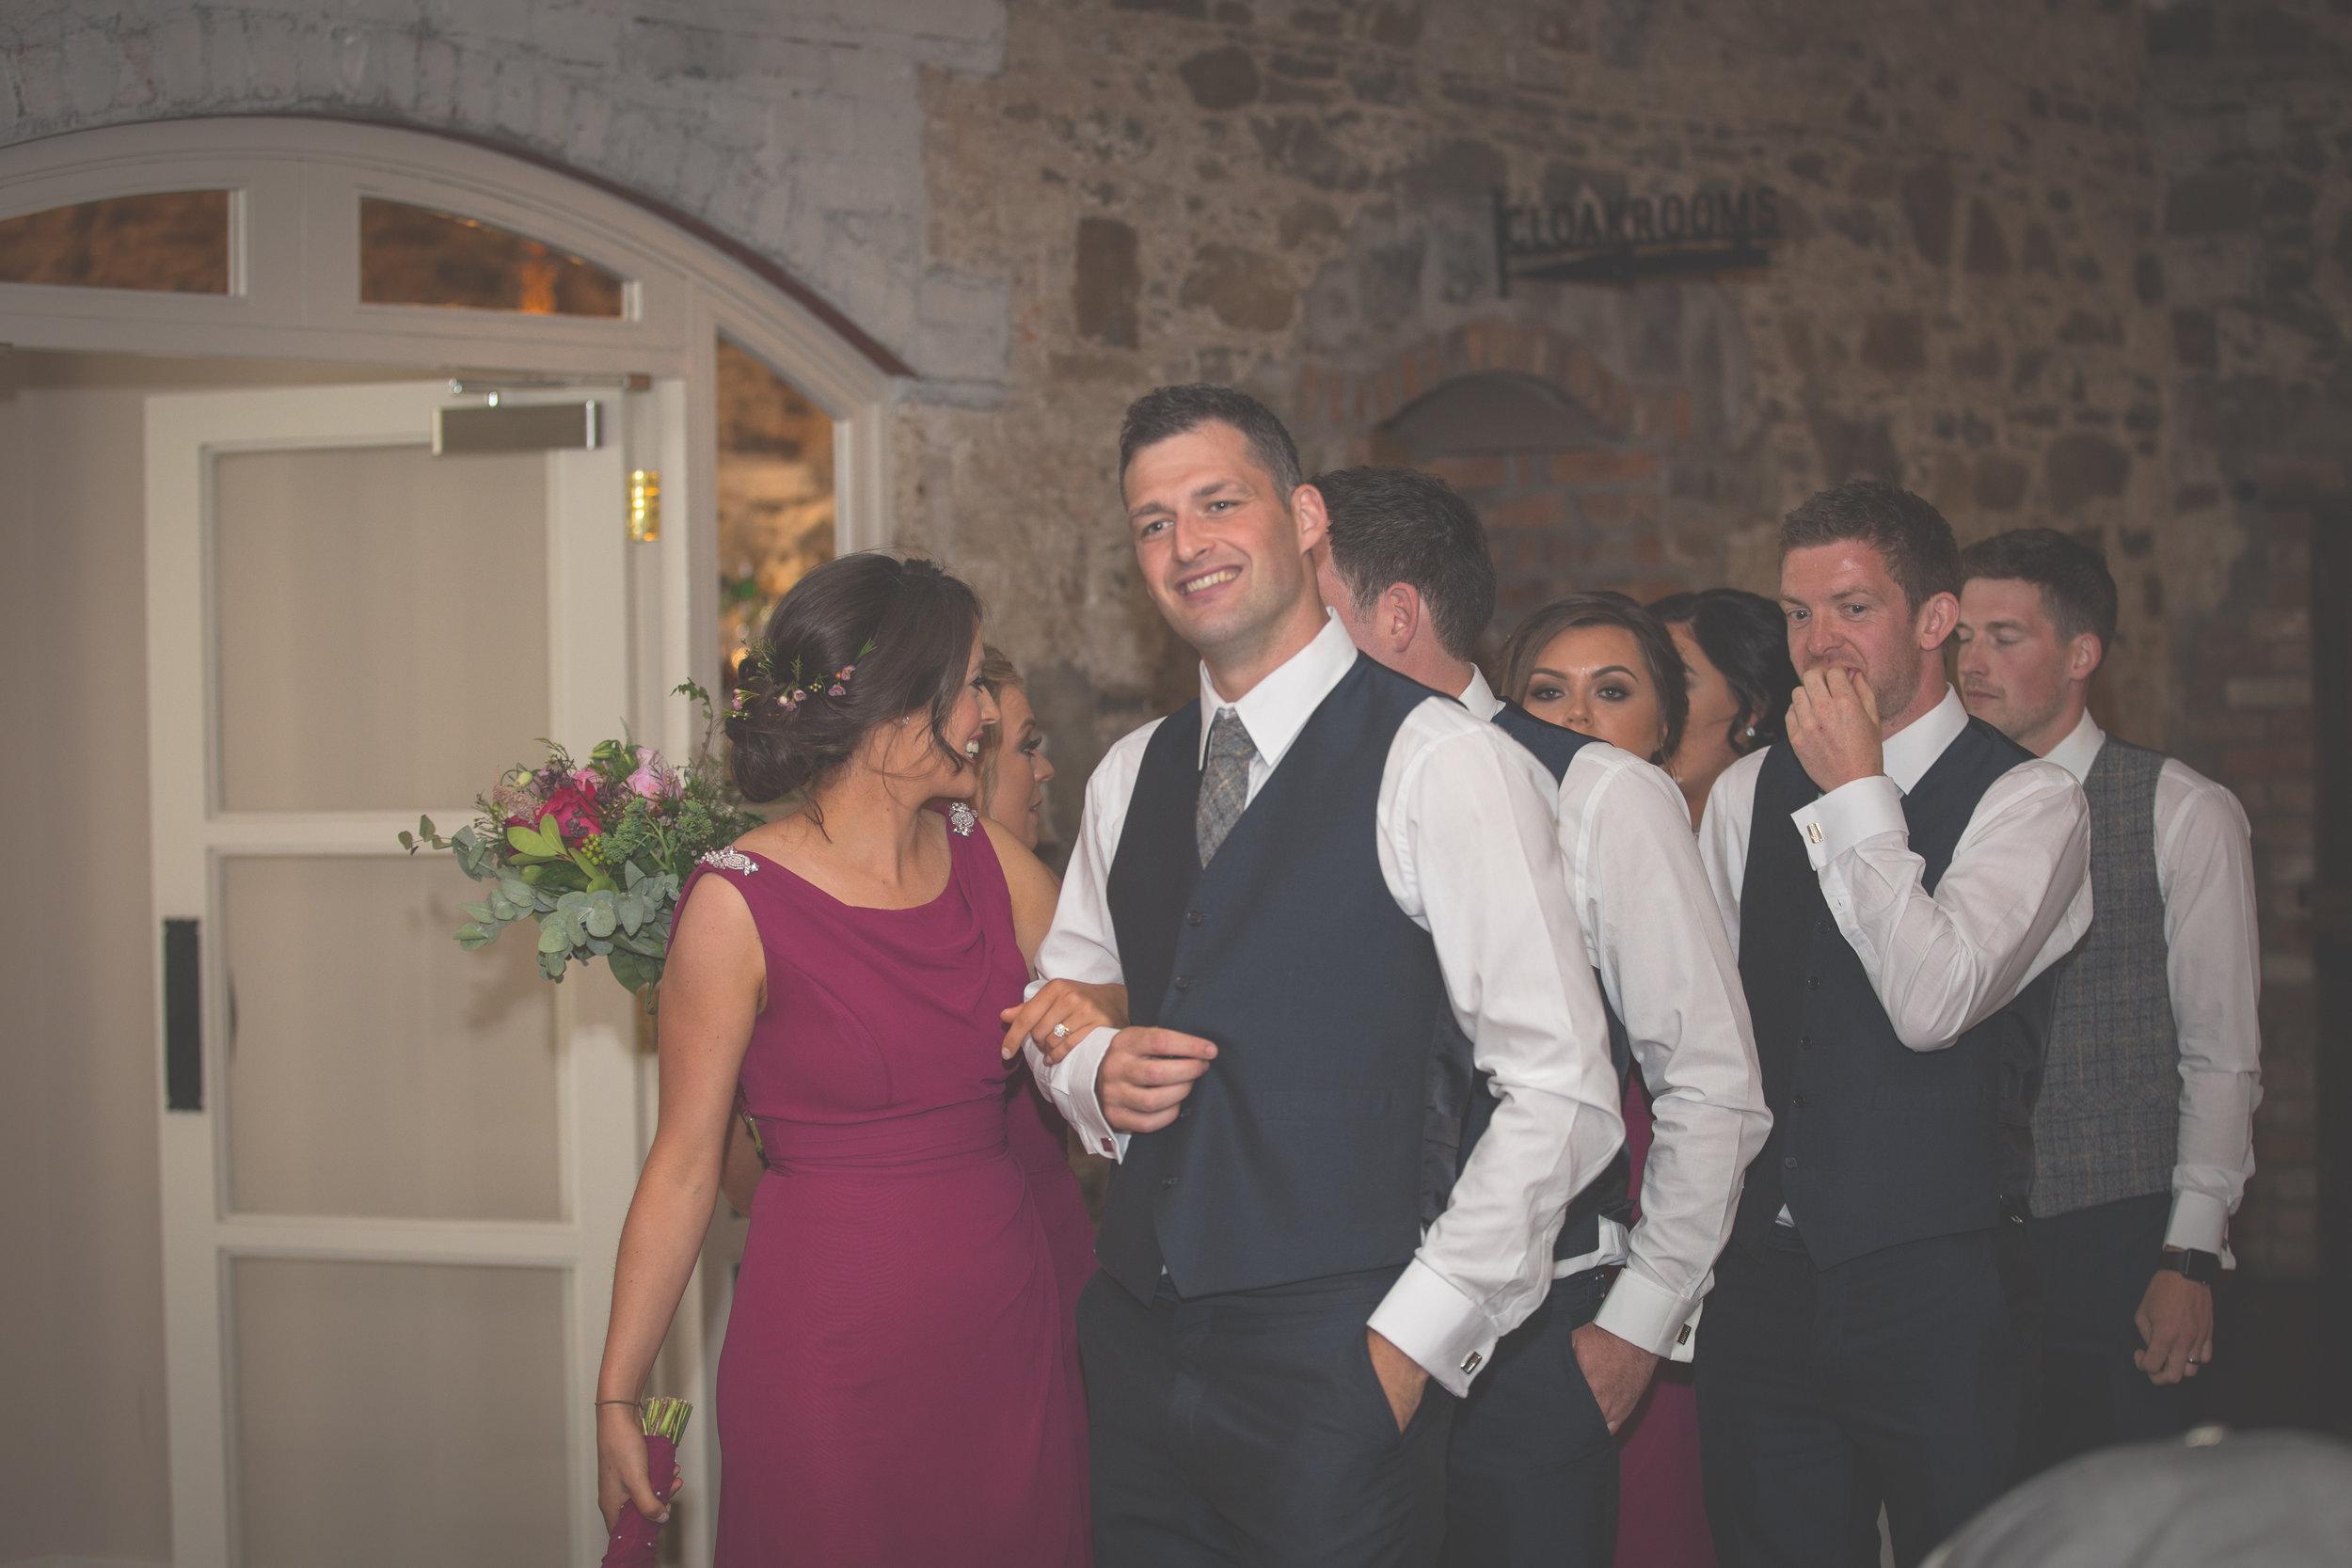 Brian McEwan Wedding Photography | Carol-Anne & Sean | The Speeches-46.jpg